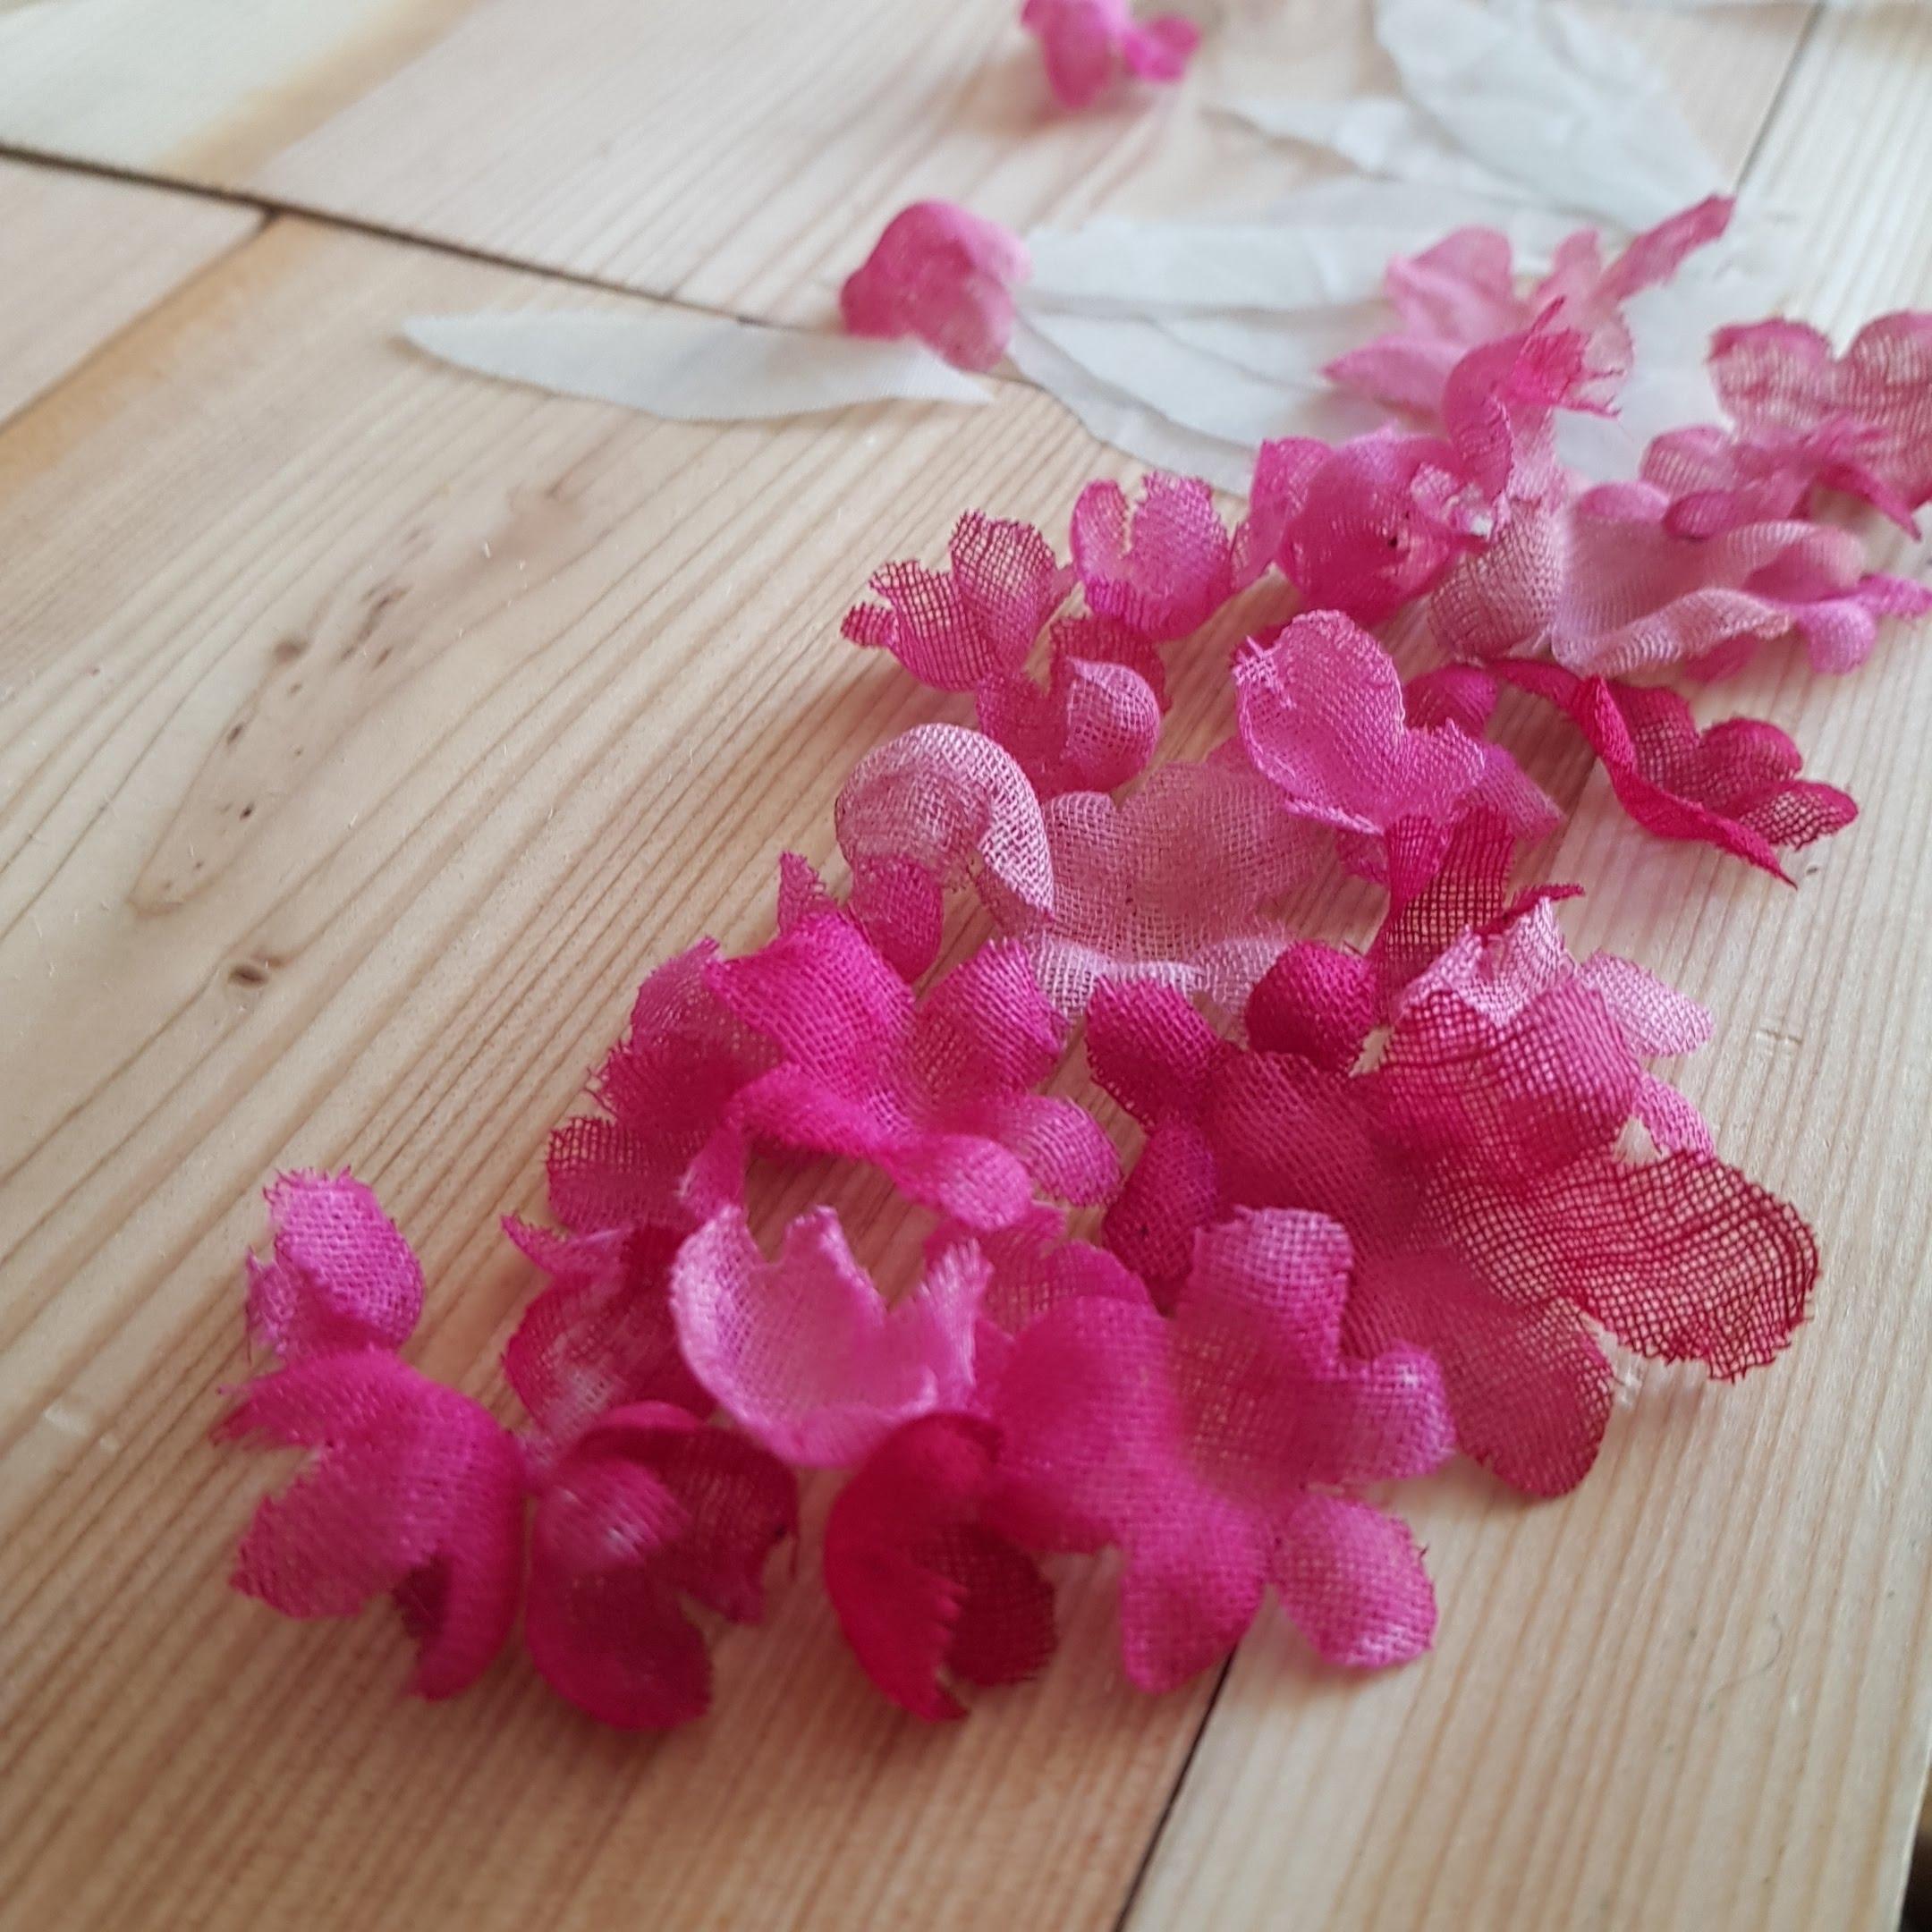 fiori in seta realizzati a mano udine